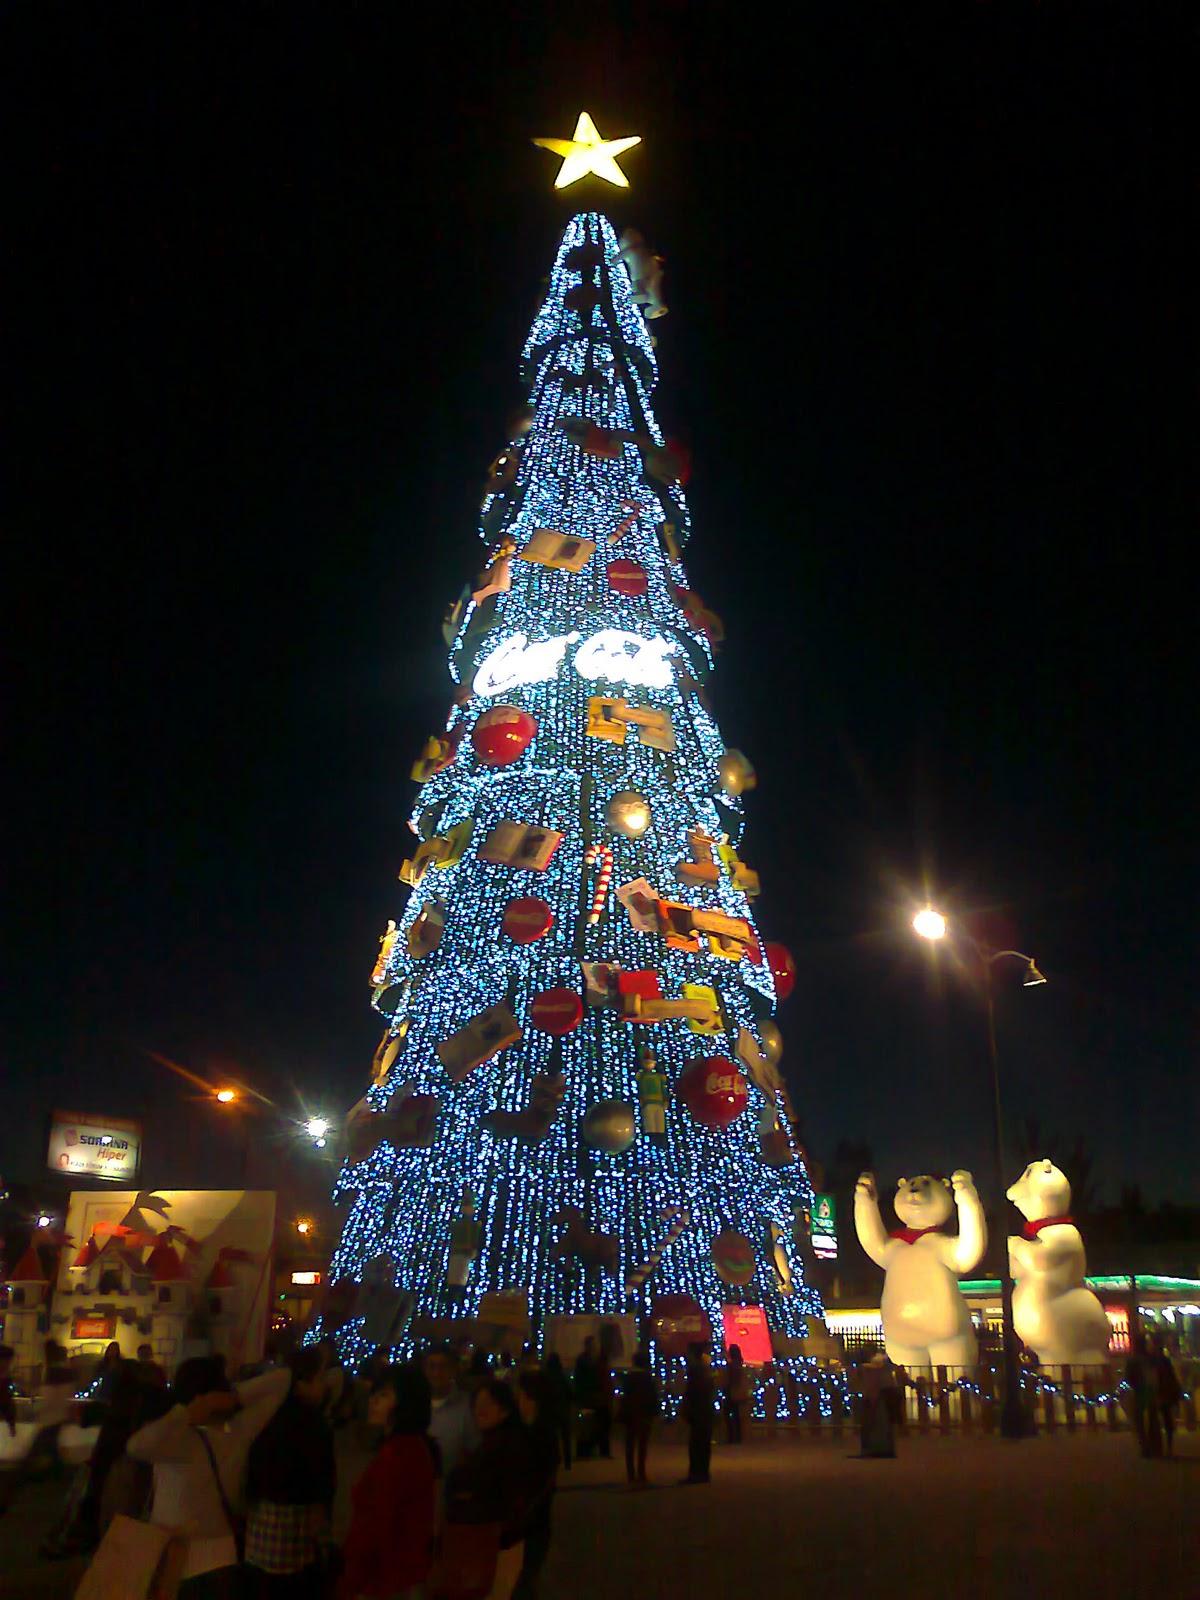 Frases de pel culas diciembre 2011 - Arbolito de navidad ...